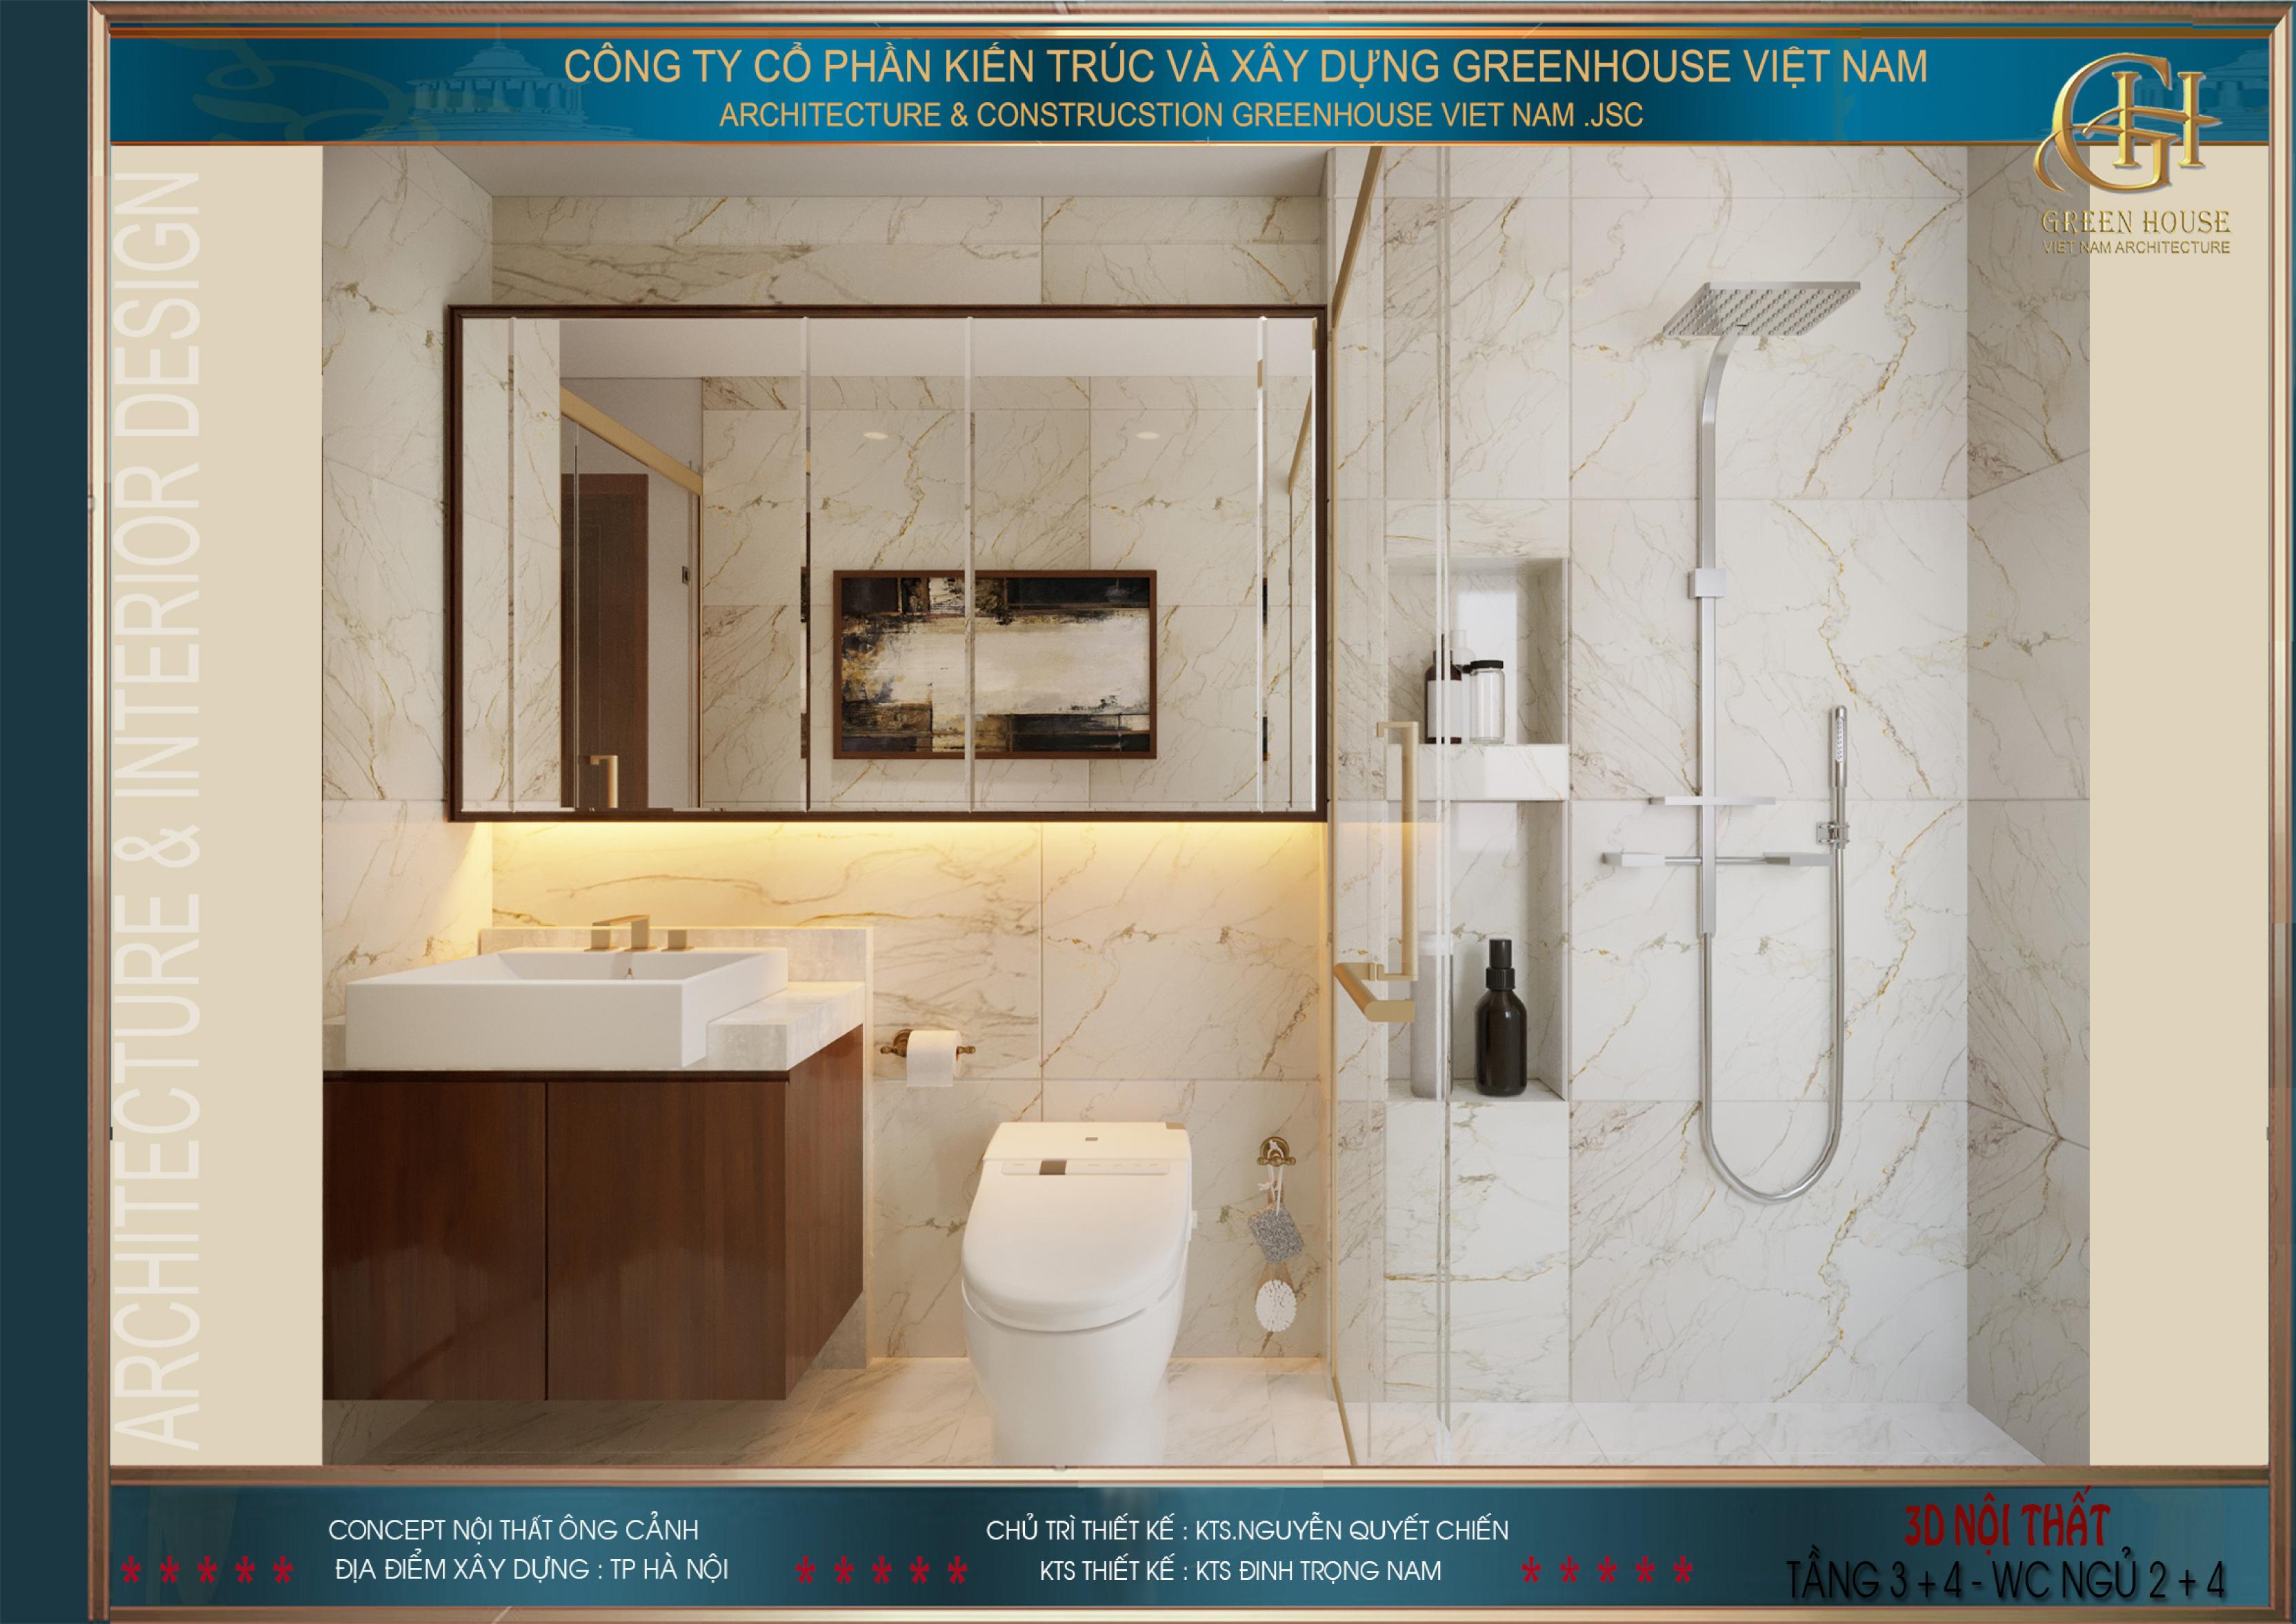 Phòng tắm tầng 4 được thiết kế hiện đại